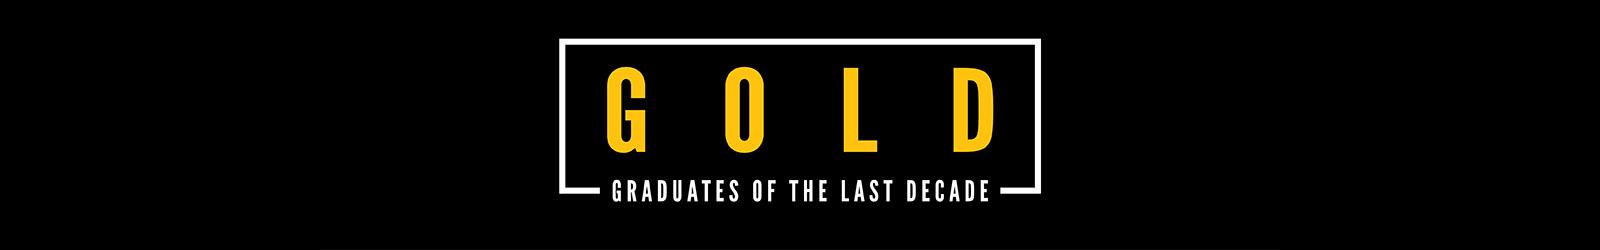 G O L D Graduates of the Last Decade